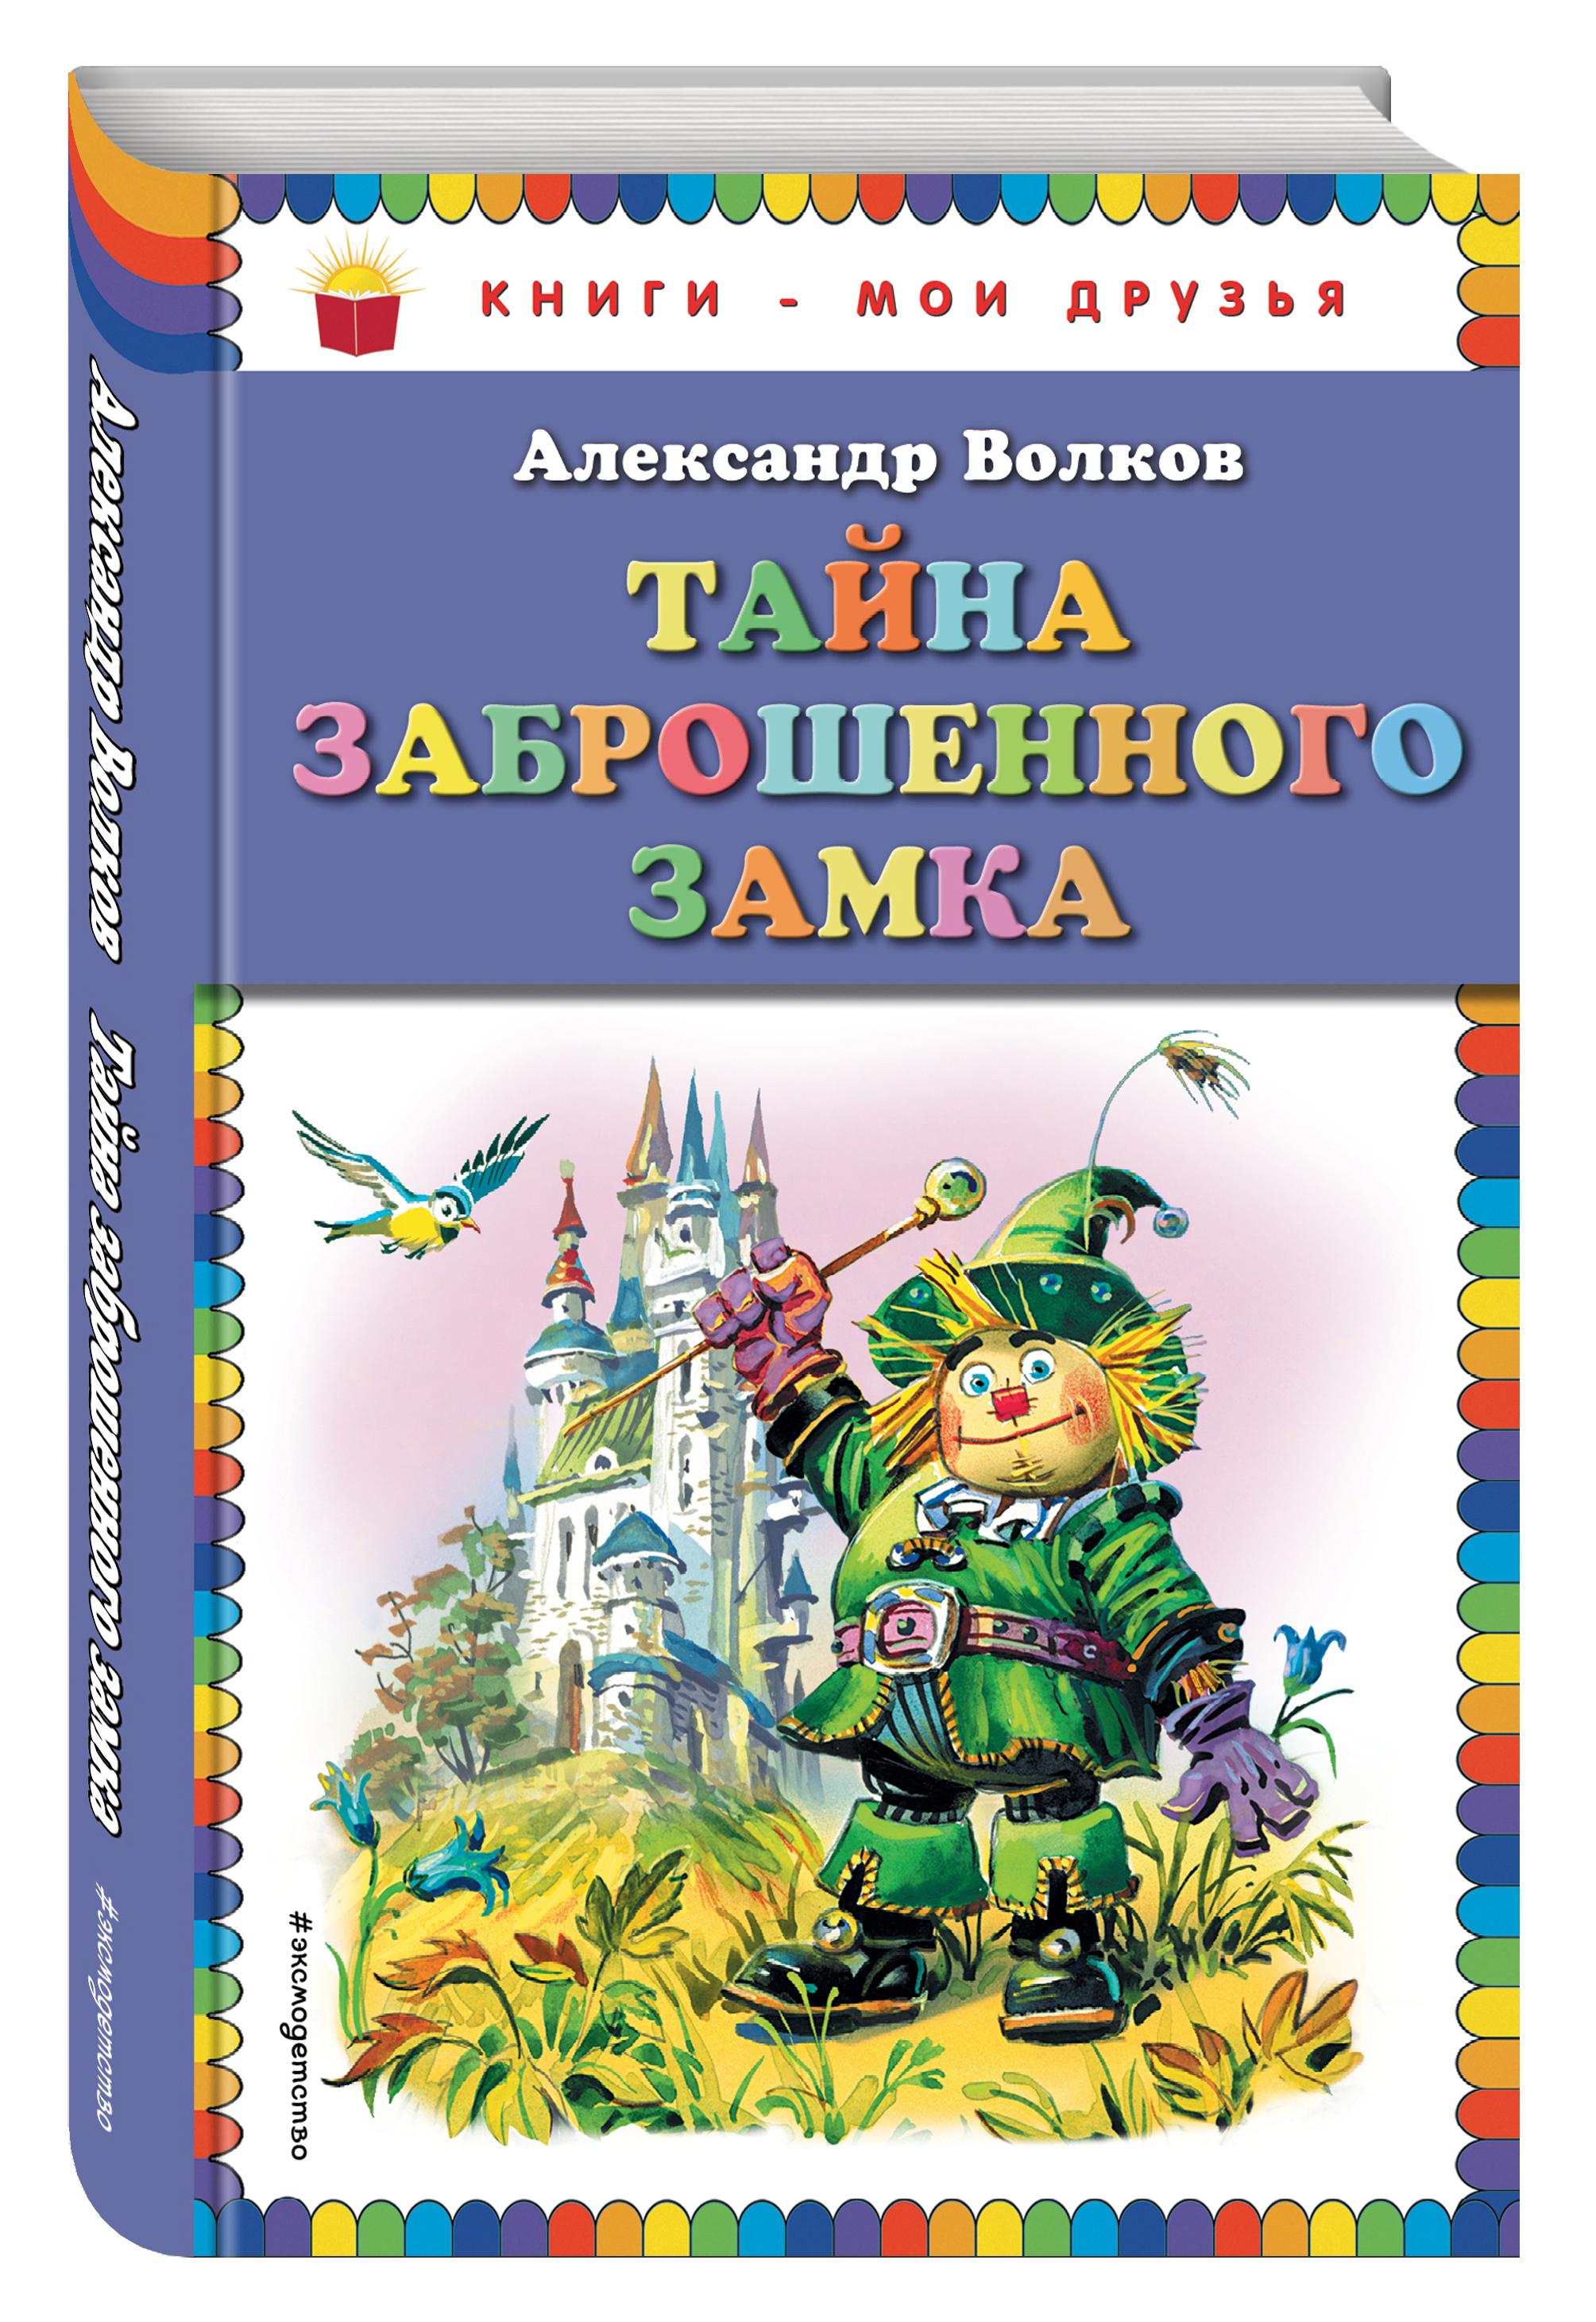 Александр Волков Тайна заброшенного замка (ил. В. Канивца)